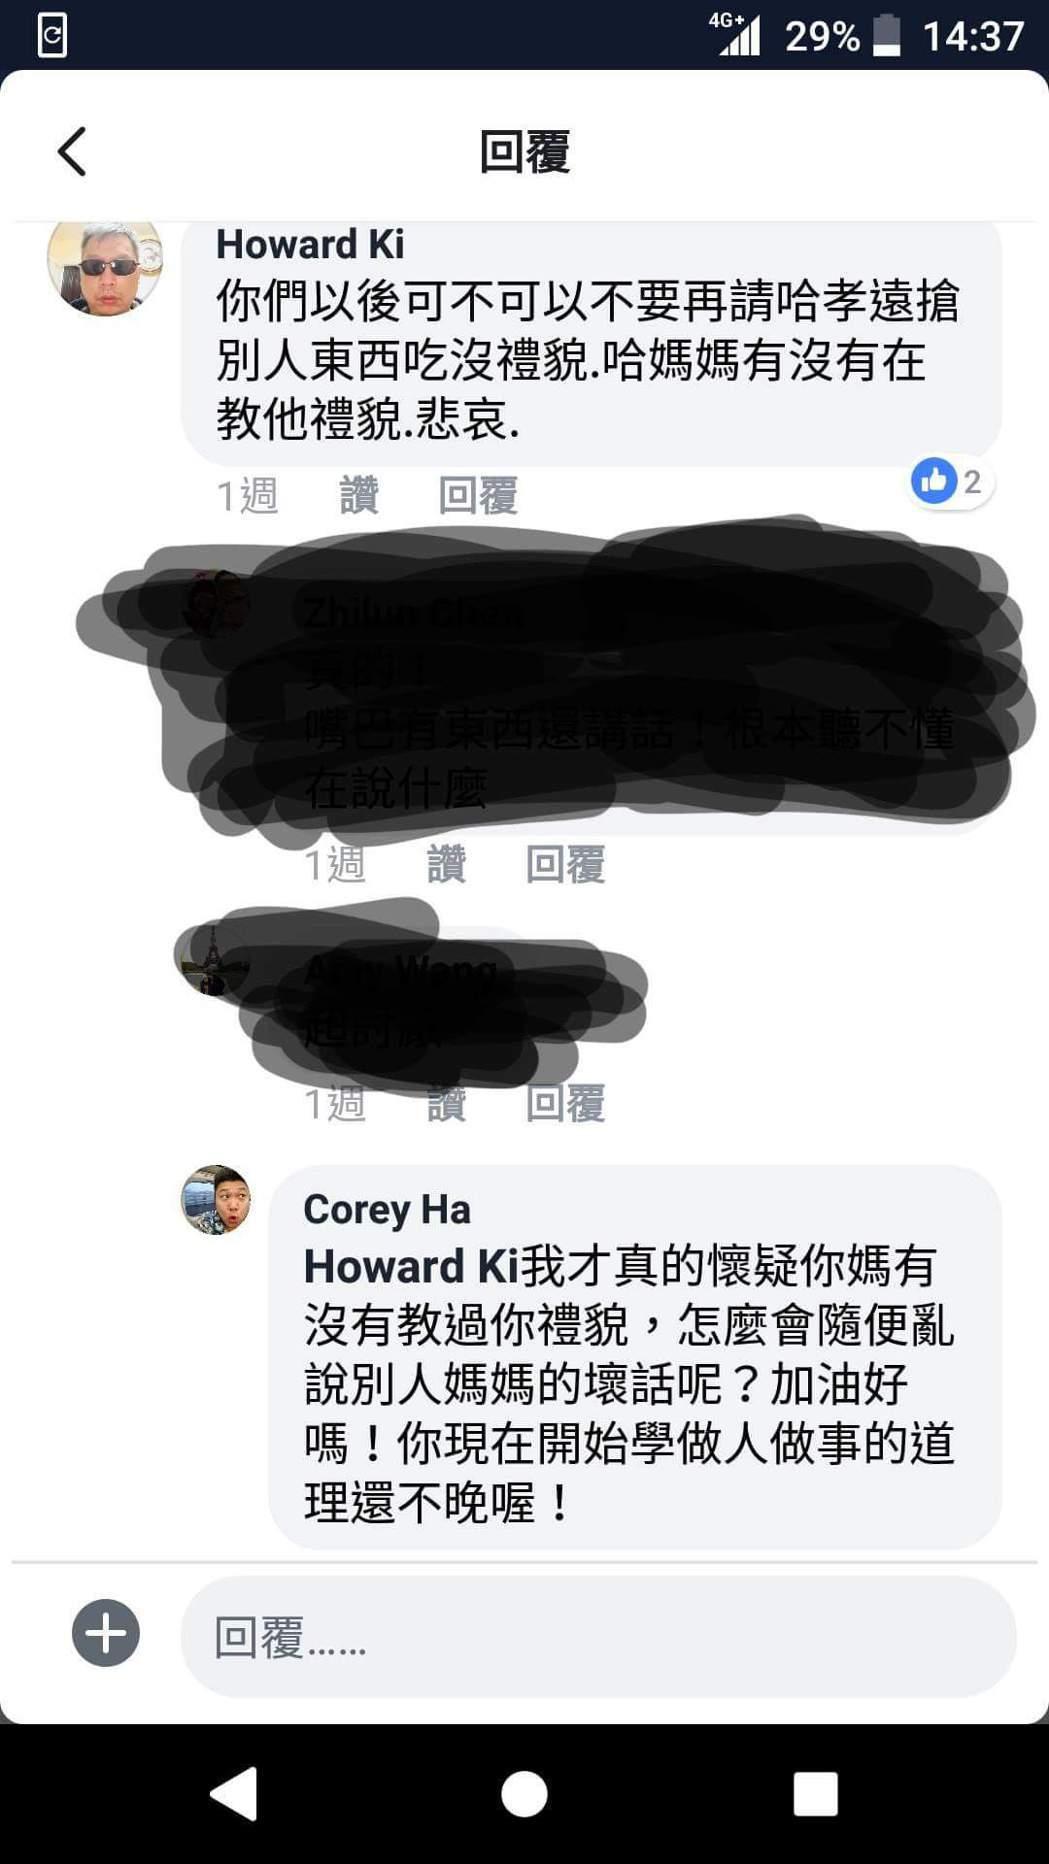 哈孝遠公布網友留言。圖/摘自臉書